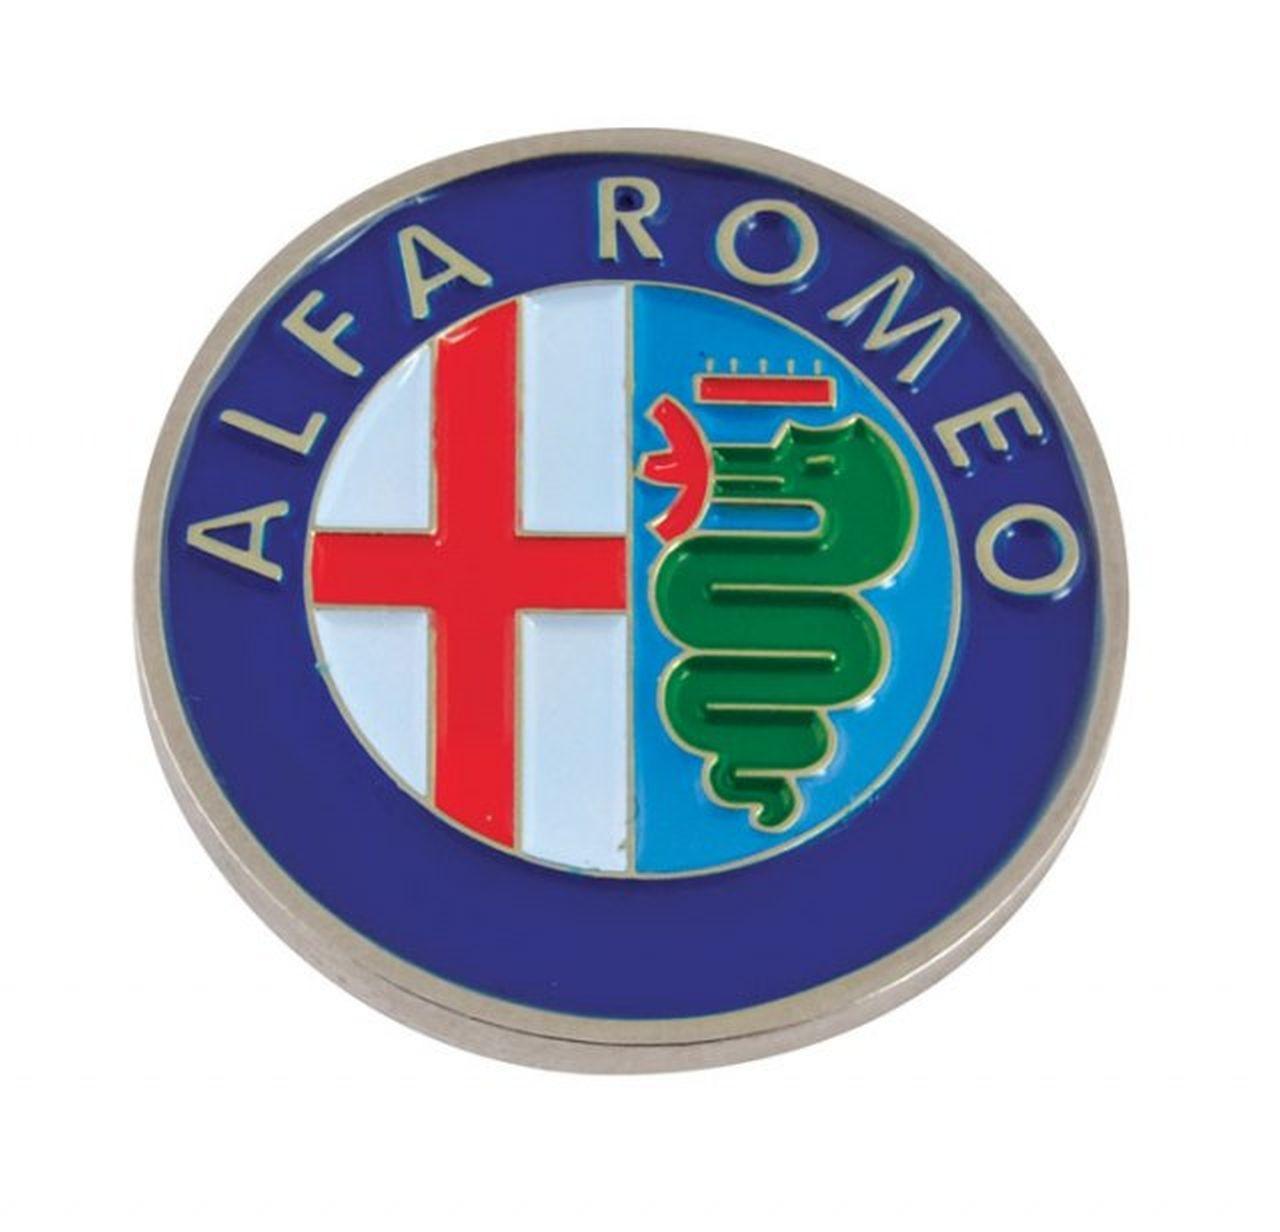 Alfa Romeo piastrina  d=23mm cm.3,5x3,5x0,2h